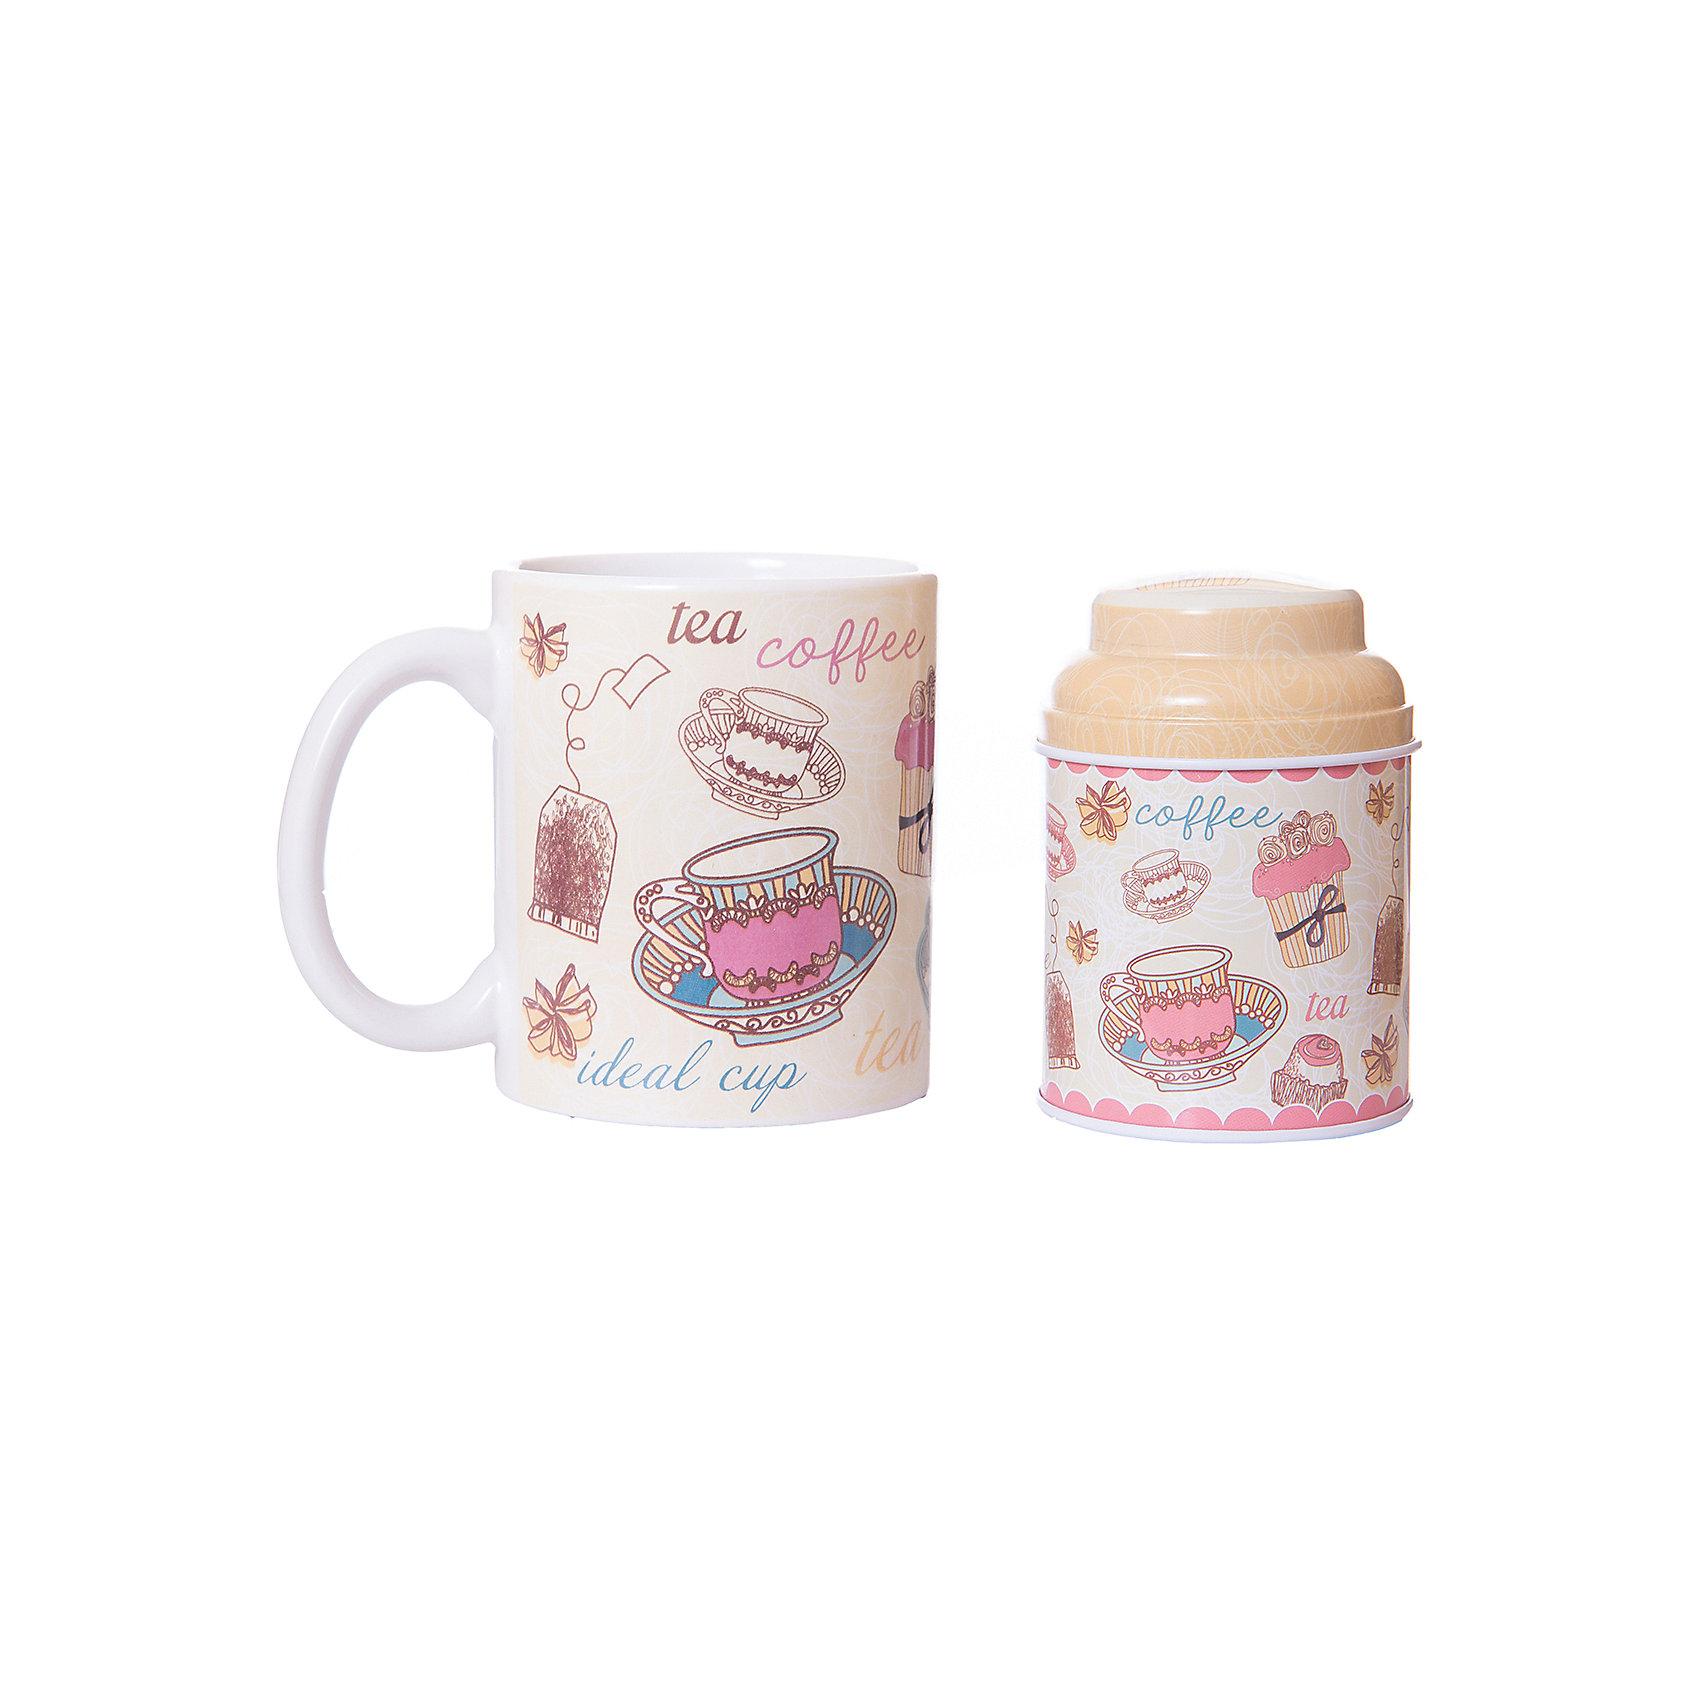 Набор подарочный  Чайное утро, Феникс-ПрезентПосуда<br>Набор подарочный Чайное утро, Феникс-Презент<br><br>Характеристики:<br><br>• набор в подарочной упаковке для любителей чая<br>• в комплекте: кружка, баночка для чая<br>• объем кружки: 300 мл<br>• материал кружки: керамика<br>• материал баночки: черный металл<br>• размер коробки: 12х9х11 см<br><br>Любители чая непременно порадуются набору Чайное утро! В комплект входит кружка и баночка для чая. Кружка изготовлена из керамики, а баночка из металла. Оба изделия оформлены изображением чашек, чайных пакетиков, десертов и надписями. Набор представлен в красивой упаковке - вы сможете преподнести его в подарок!<br><br>Набор подарочный Чайное утро, Феникс-Презент вы можете купить в нашем интернет-магазине.<br><br>Ширина мм: 120<br>Глубина мм: 90<br>Высота мм: 110<br>Вес г: 457<br>Возраст от месяцев: 120<br>Возраст до месяцев: 2147483647<br>Пол: Унисекс<br>Возраст: Детский<br>SKU: 5449663